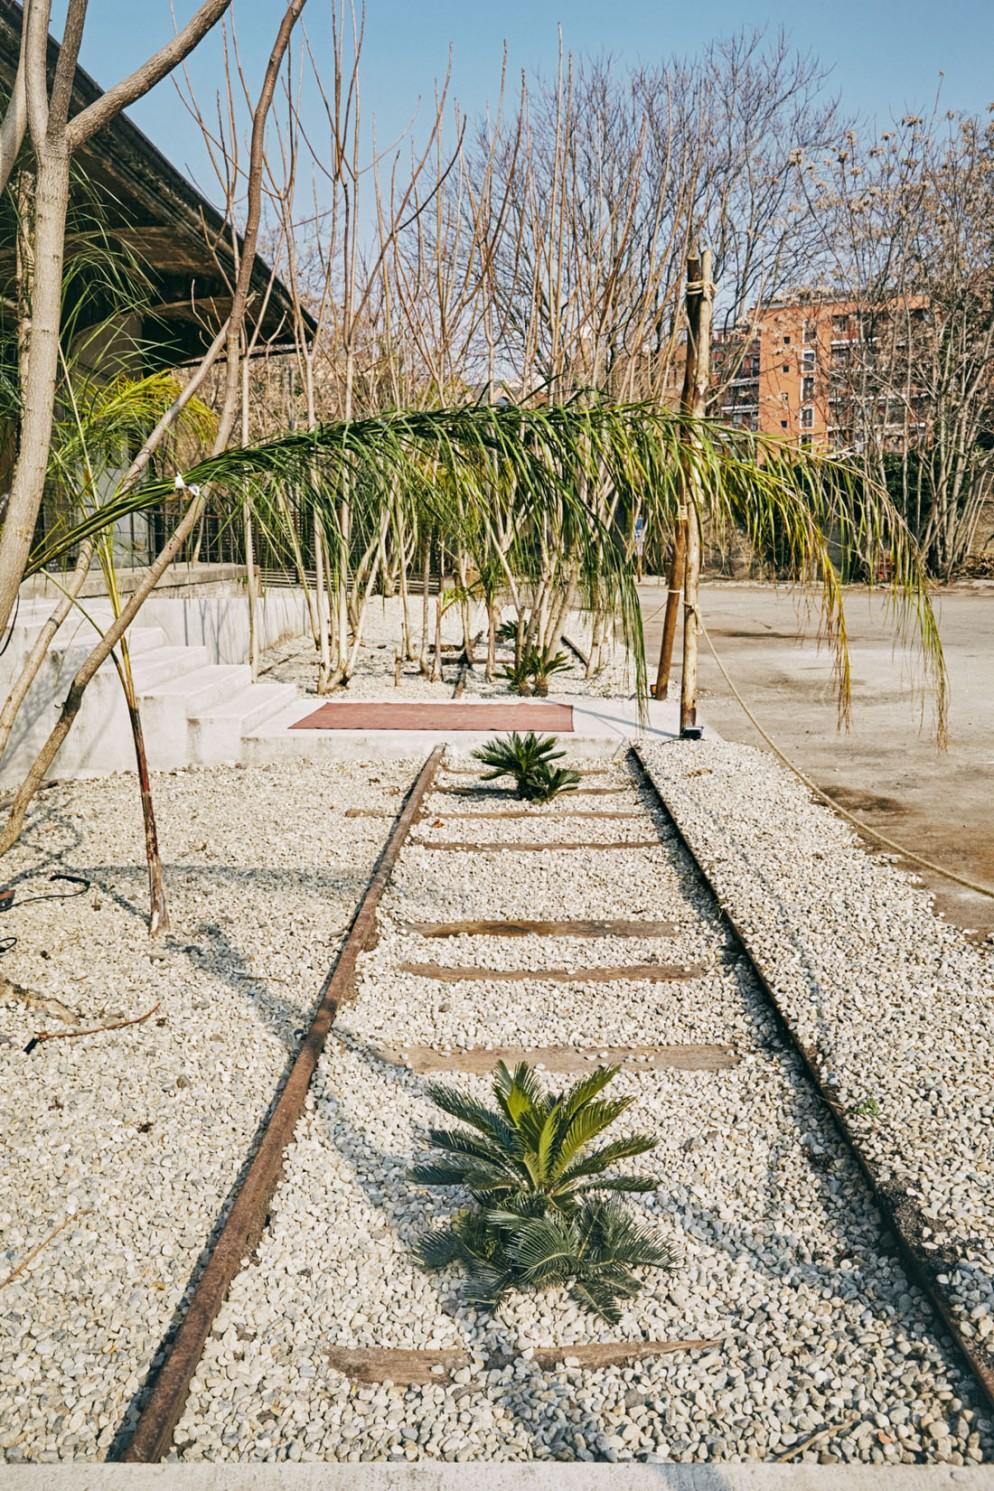 scalo-lambrate-co-working-mercato-sostenibile-start-up-vetrina-designer-artisti-ristorante-02